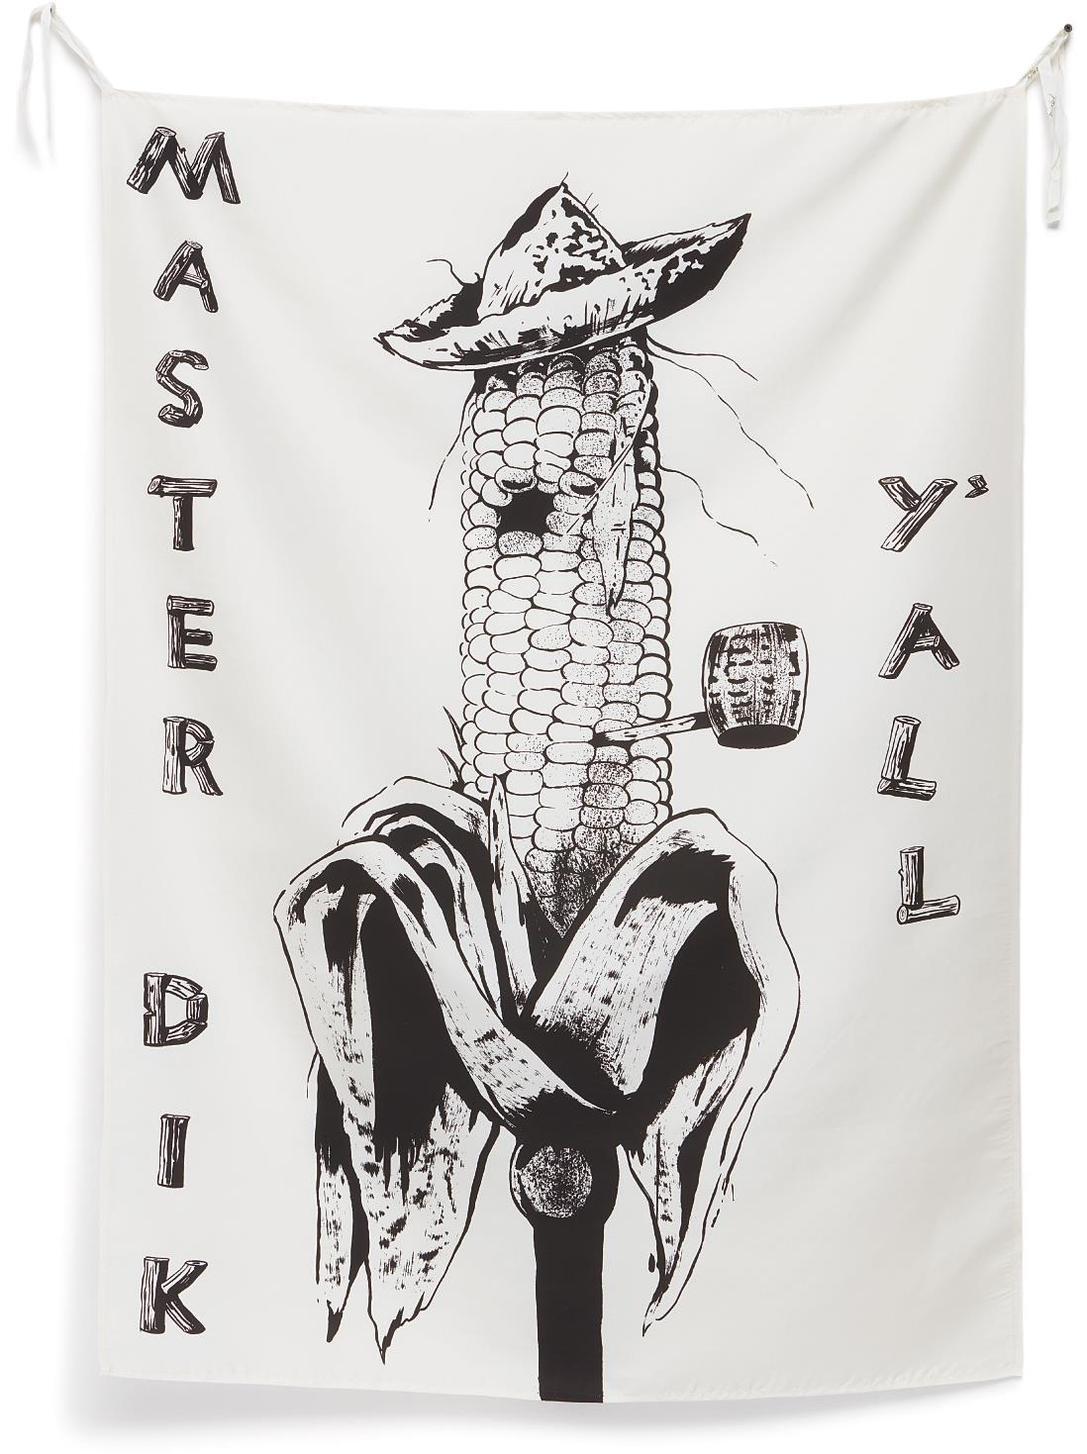 Mike Kelley-Master Dik, From Pansy Metal/Clovered Hoof-1989